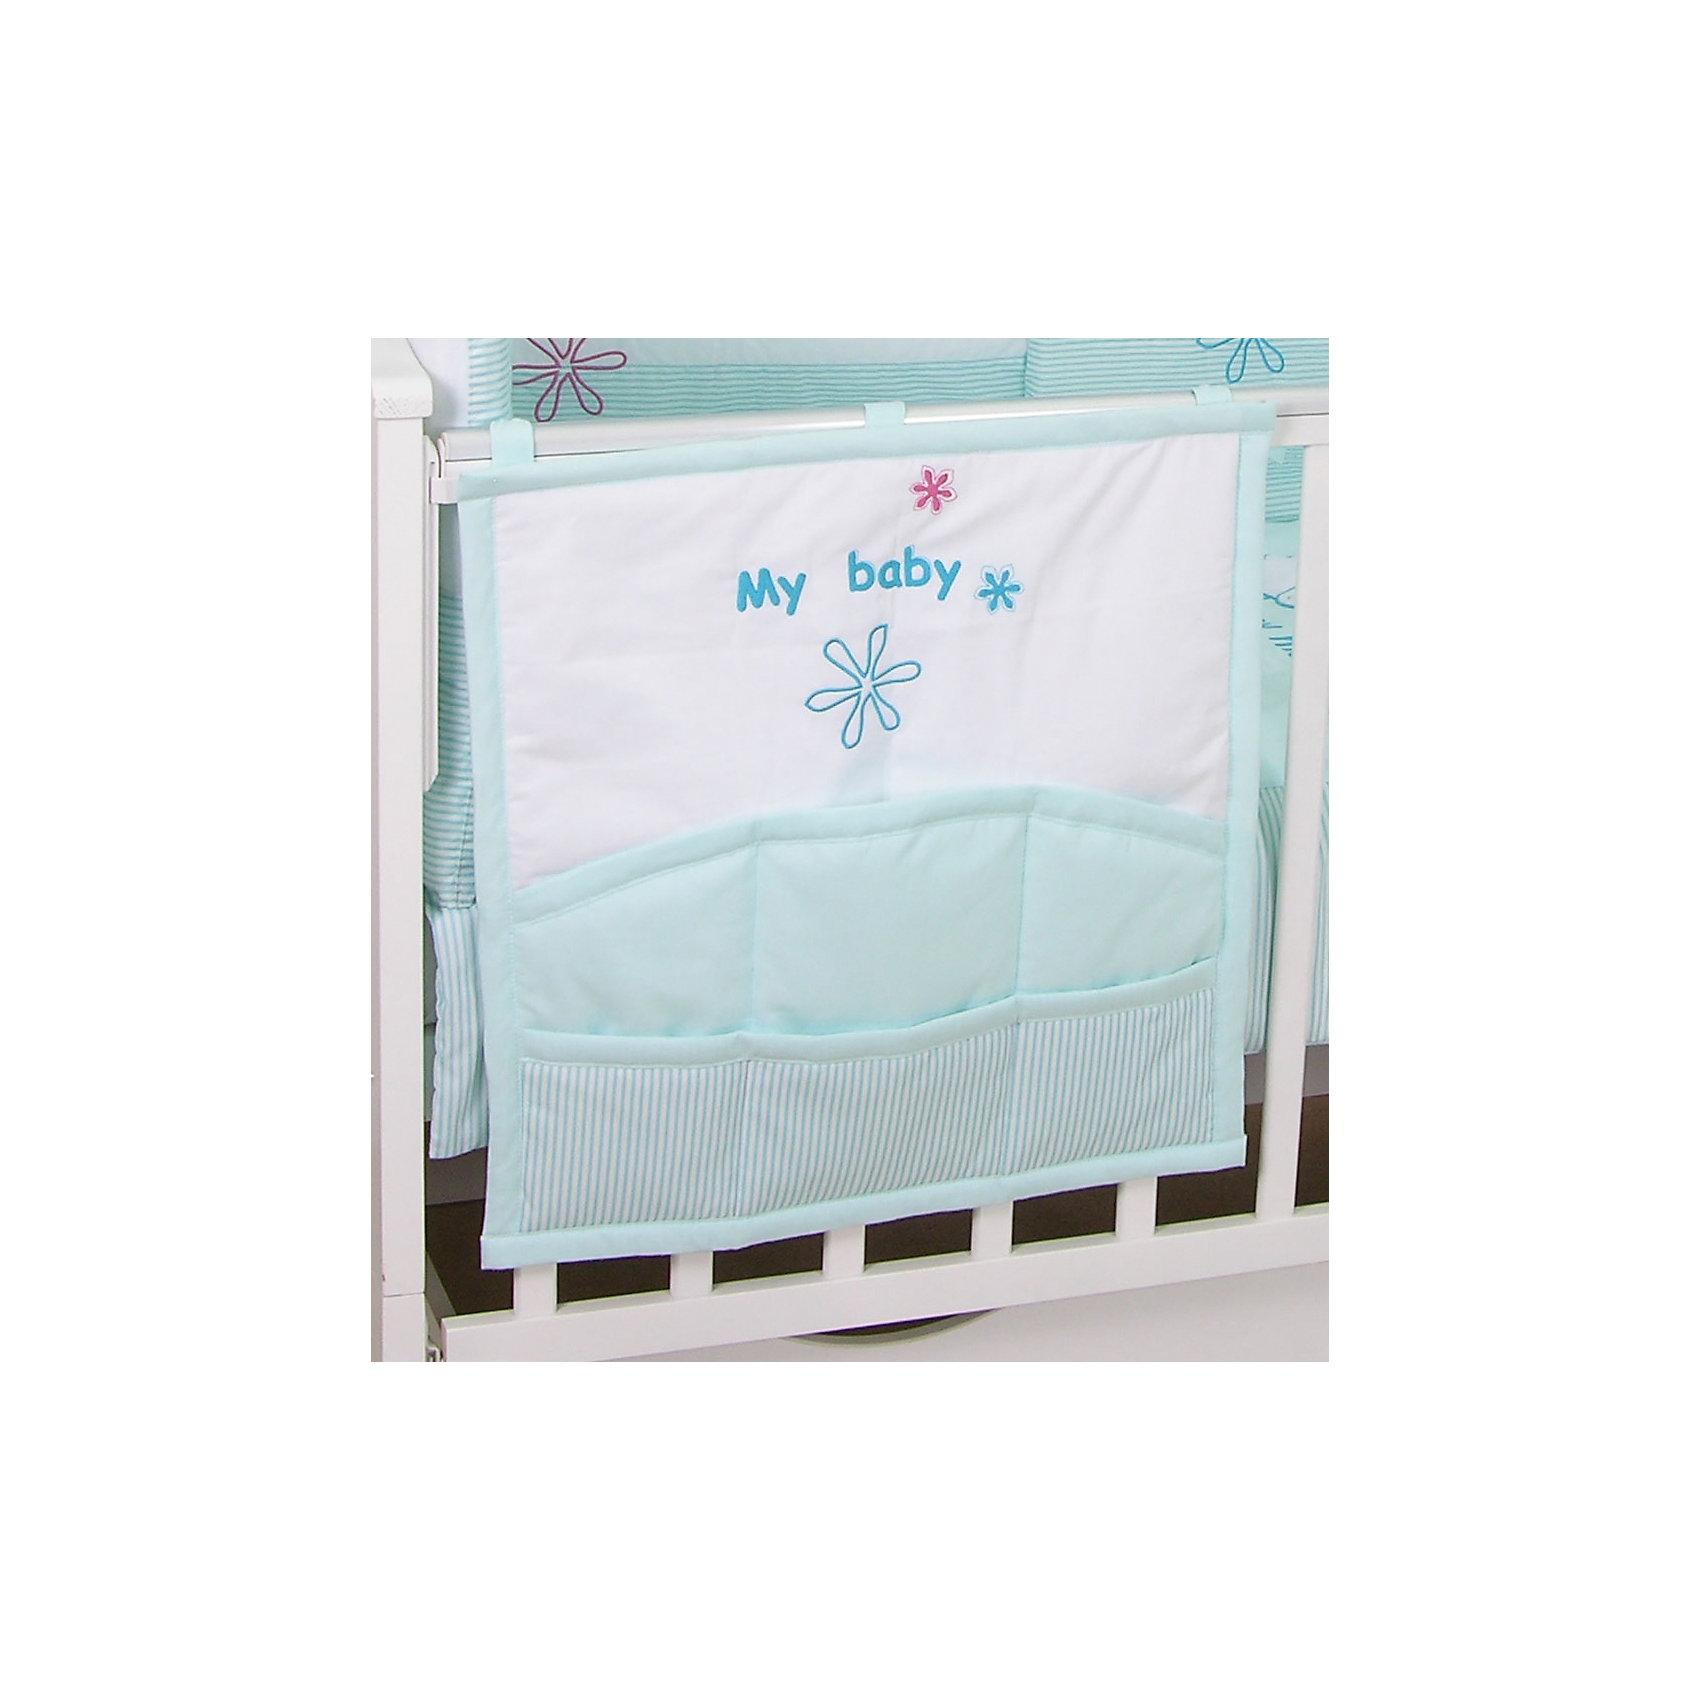 Карман на кроватку Белые кудряшки, FairyПостельное бельё<br>Характеристики товара:<br><br>• возраст с рождения;<br>• материал: хлопок;<br>• размер 59х60 см;<br>• 6 карманов<br>• крепится с помощью 3 завязок<br>• размер упаковки 35х25х5 см;<br>• вес упаковки 300 гр.;<br>• страна производитель: Россия.<br><br>Карман для кроватки «Белые кудряшки» Fairy позволяет маме иметь все необходимые вещи по уходу ха ребенком — салфетки, подгузники, игрушки, соски — всегда под рукой. При помощи 3 завязок карман крепится на кроватку. Предусмотрено 6 карманов для различных предметов. Карман изготовлен из качественного натурального хлопка.<br><br>Карман для кроватки «Белые кудряшки» Fairy можно приобрести в нашем интернет-магазине.<br><br>Ширина мм: 590<br>Глубина мм: 600<br>Высота мм: 100<br>Вес г: 300<br>Возраст от месяцев: 0<br>Возраст до месяцев: 36<br>Пол: Унисекс<br>Возраст: Детский<br>SKU: 5610108